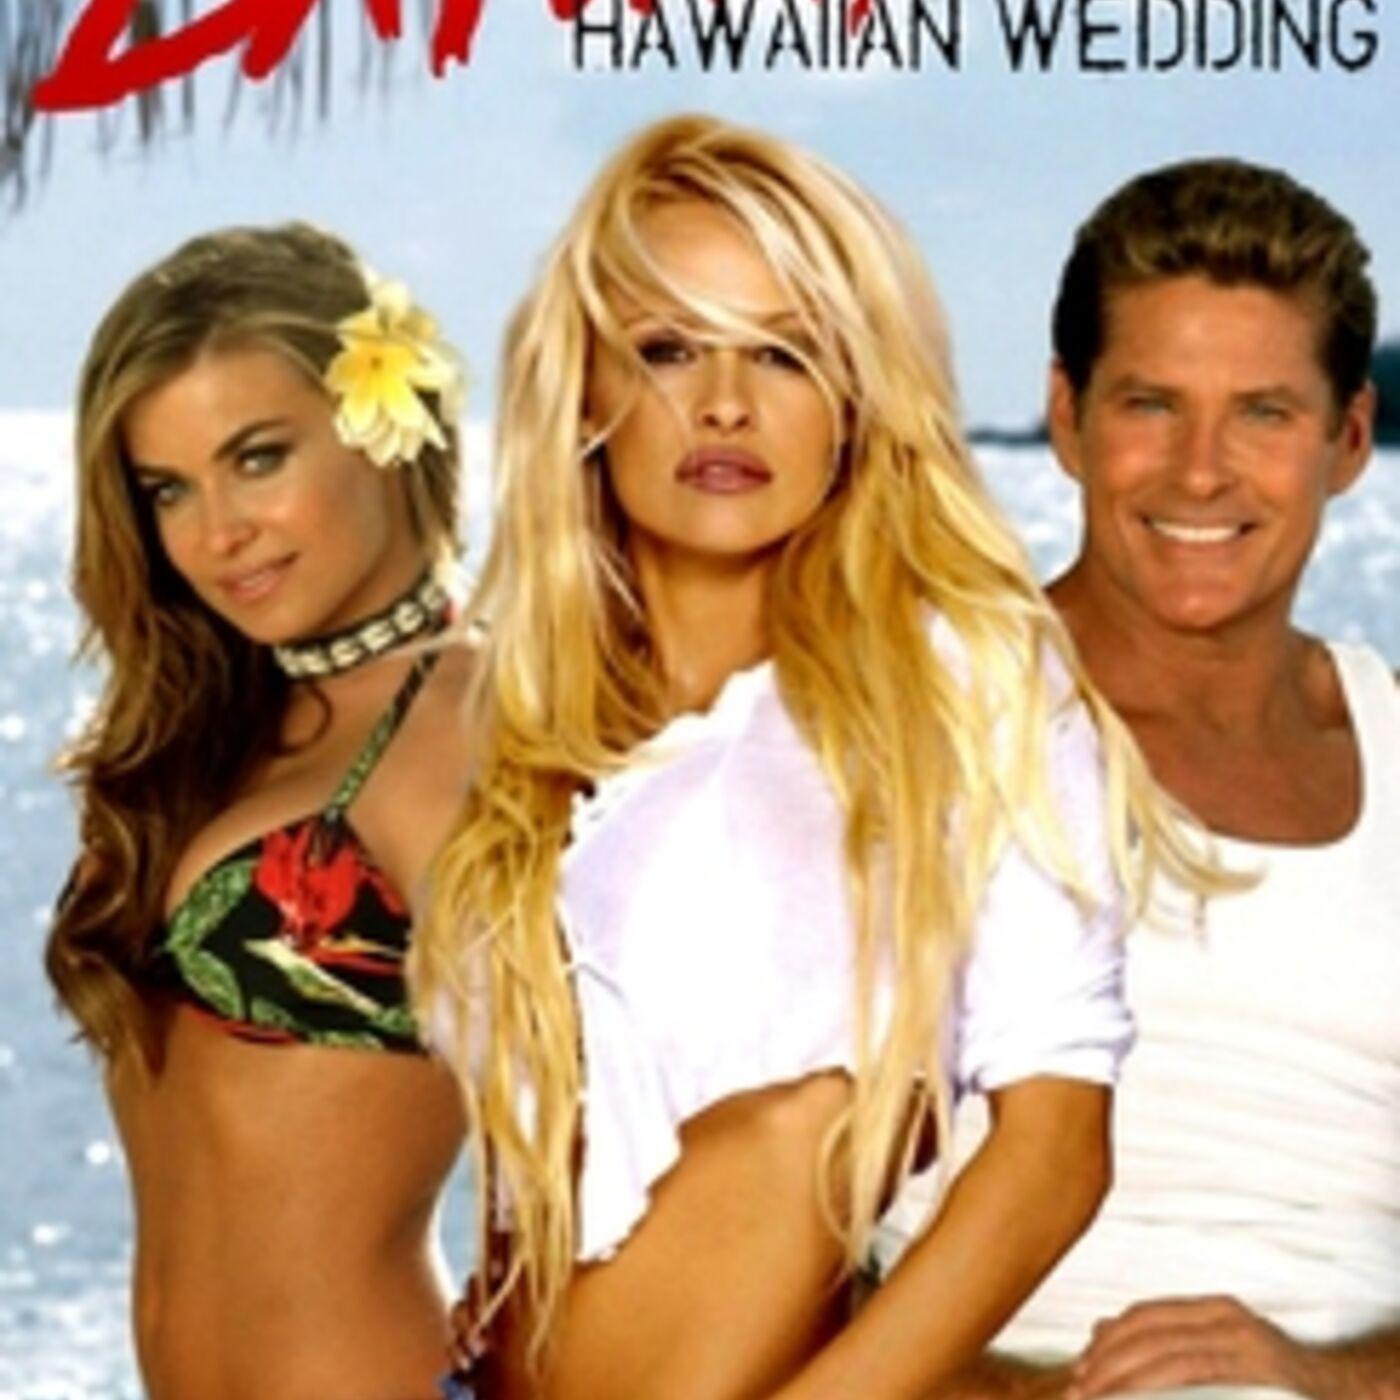 Movie Special - Baywatch Hawaiian Wedding